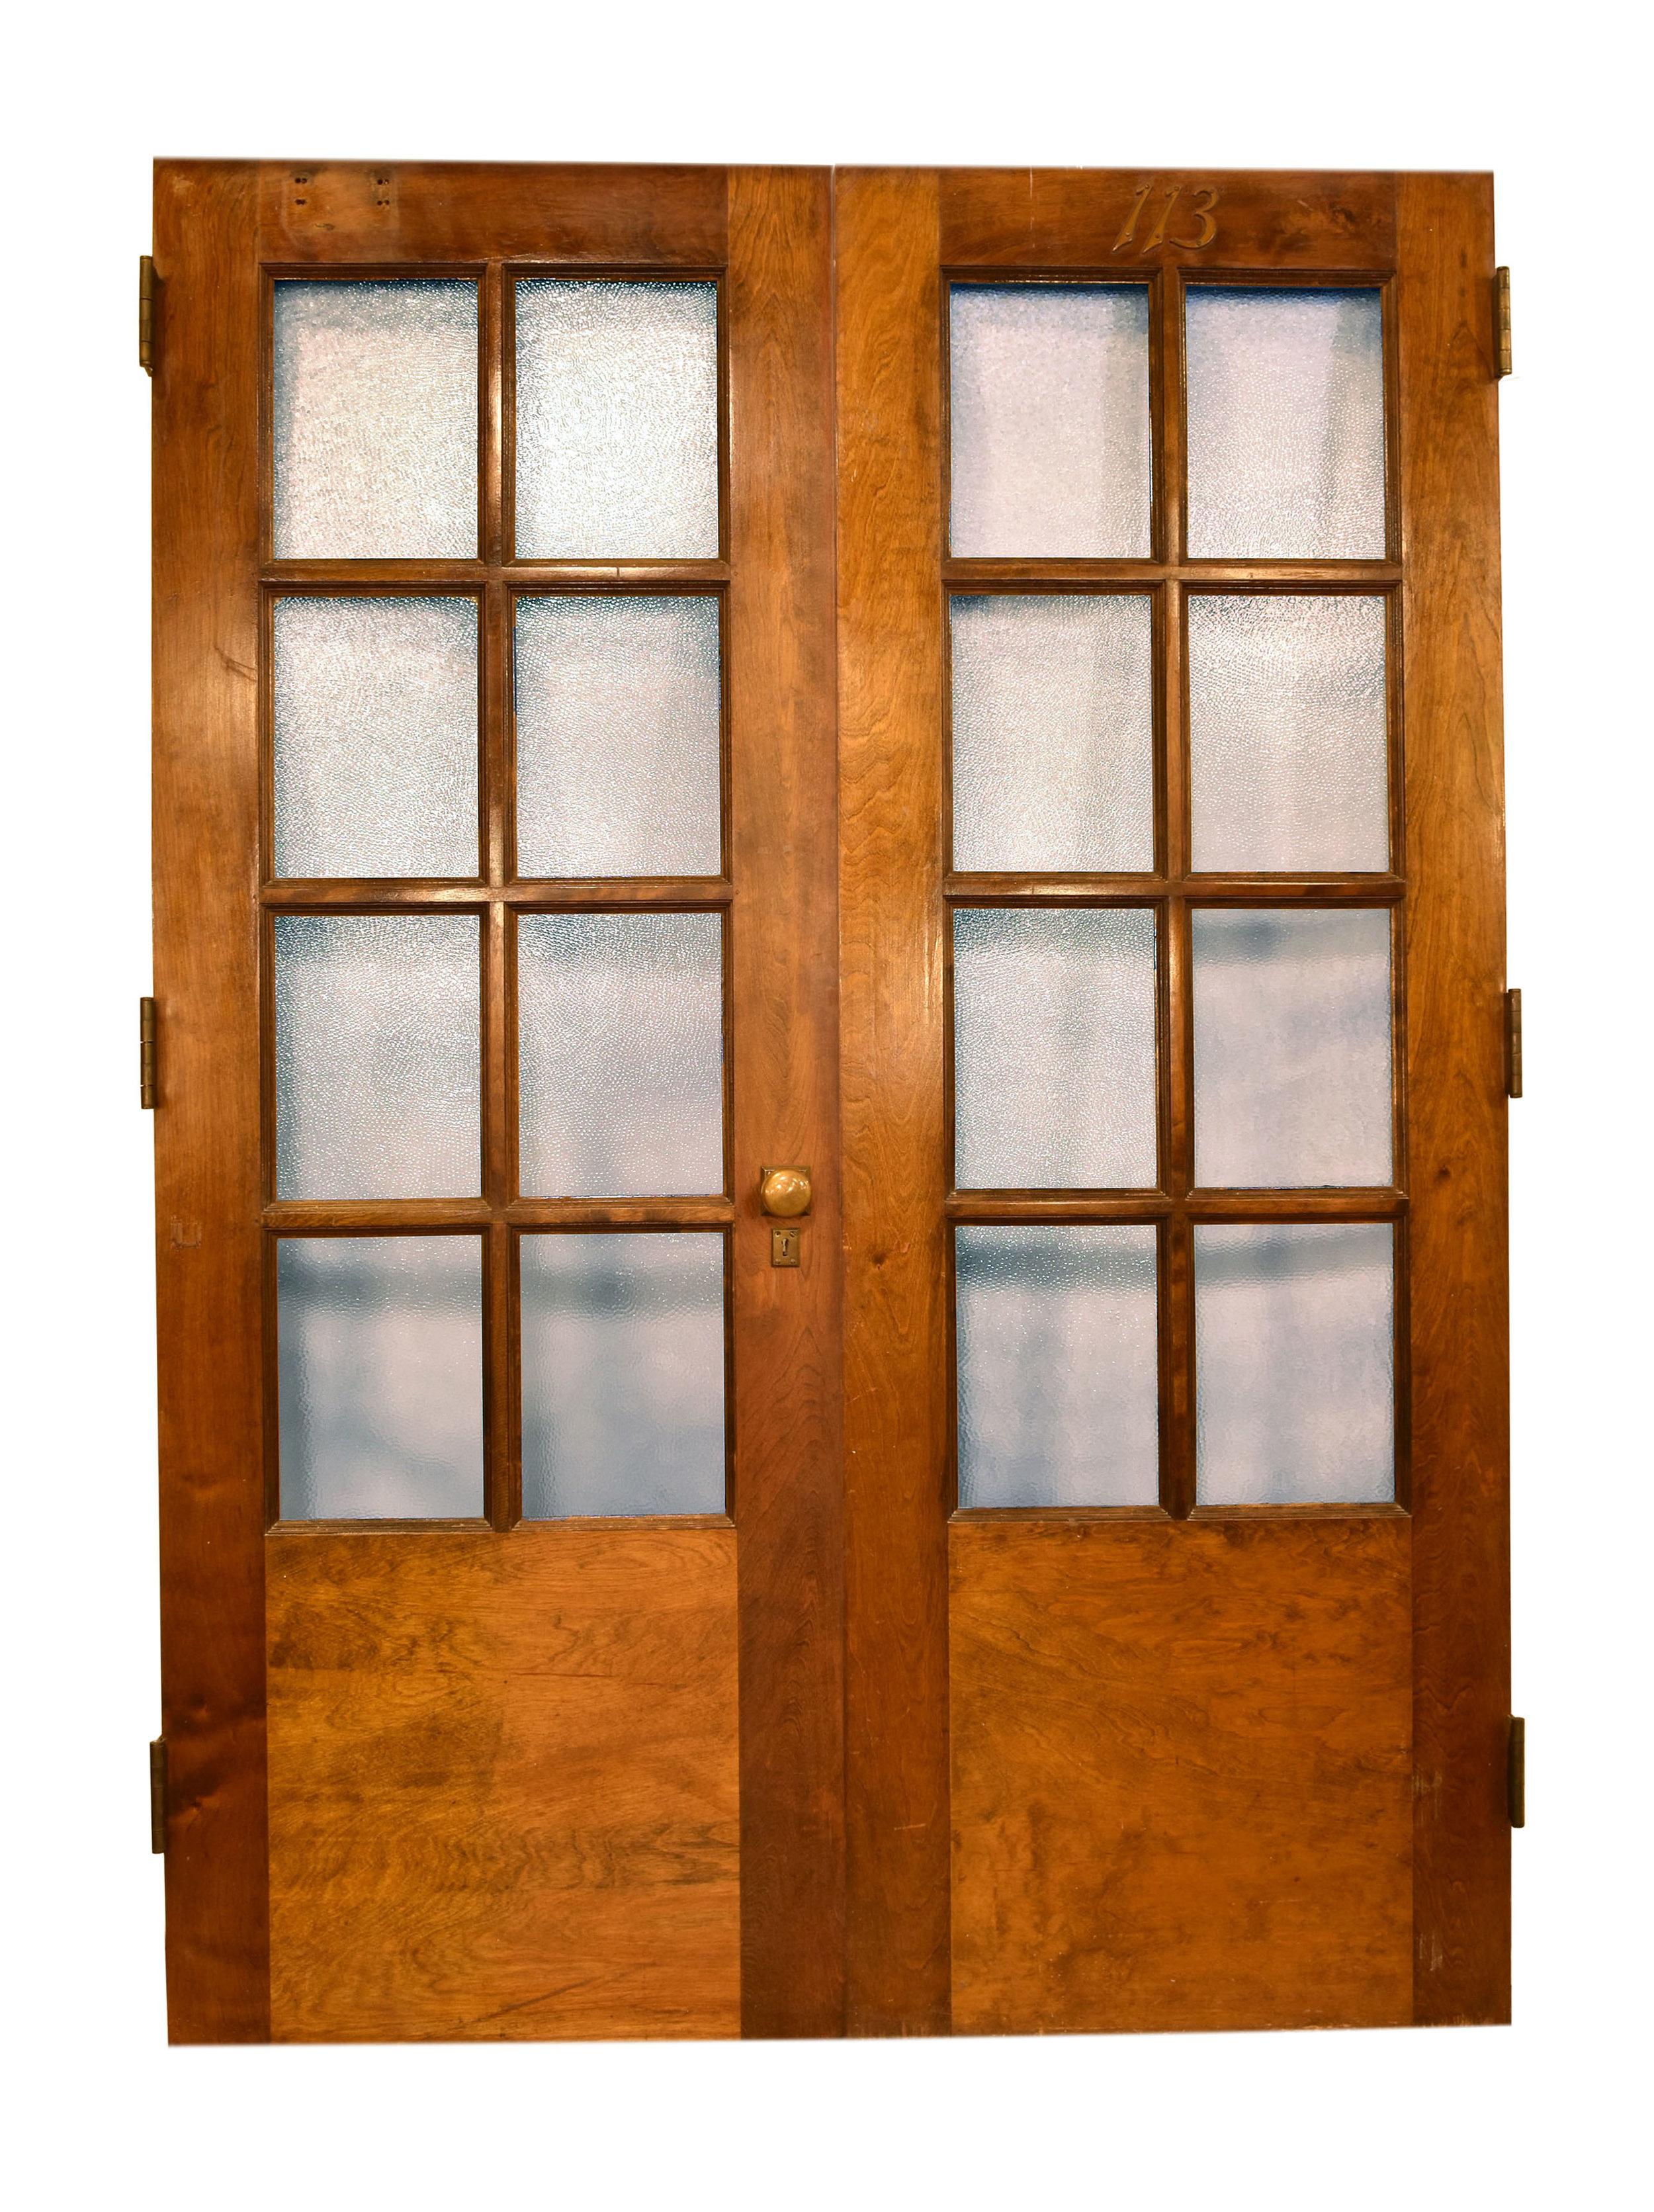 8 lite double door set with pebble glass